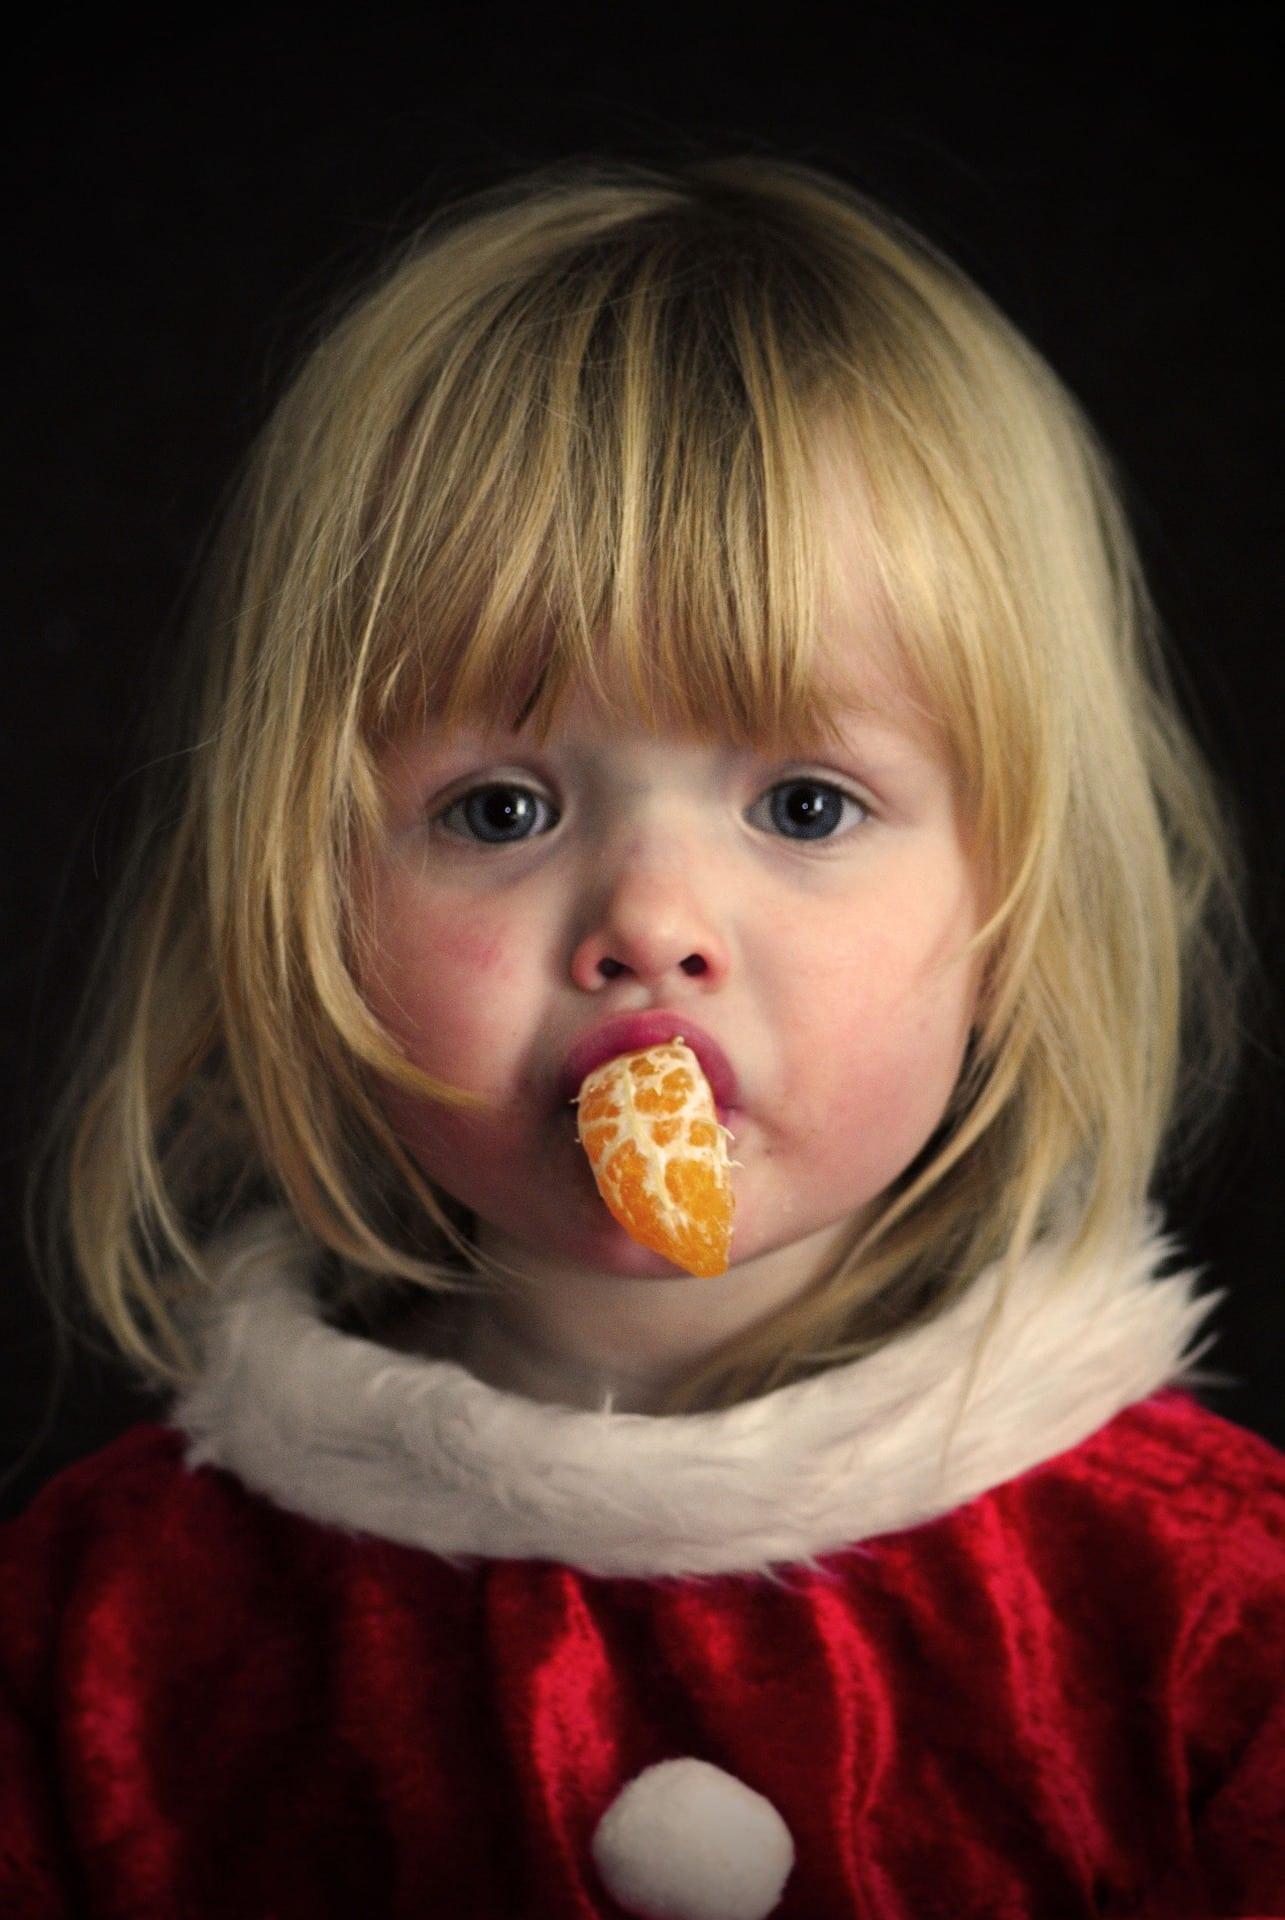 Mädchen mit Mandarine im Mund // HIMBEER